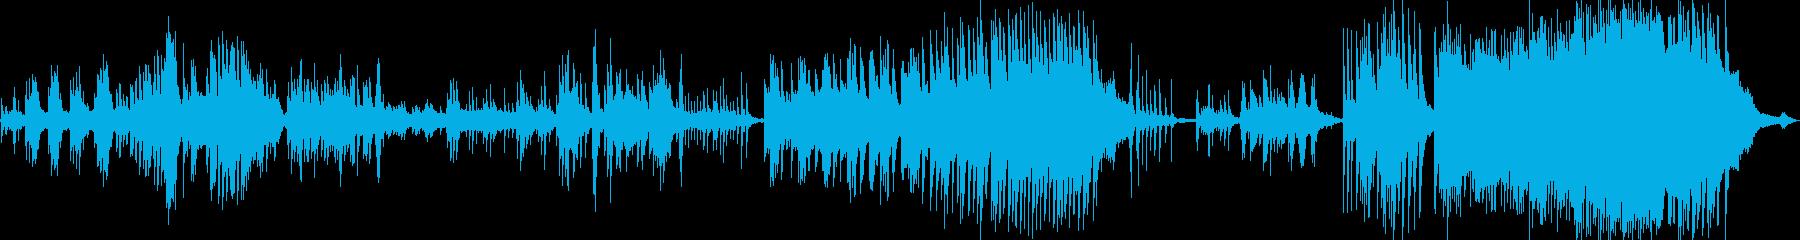 ゆったりとした雰囲気のピアノ曲の再生済みの波形